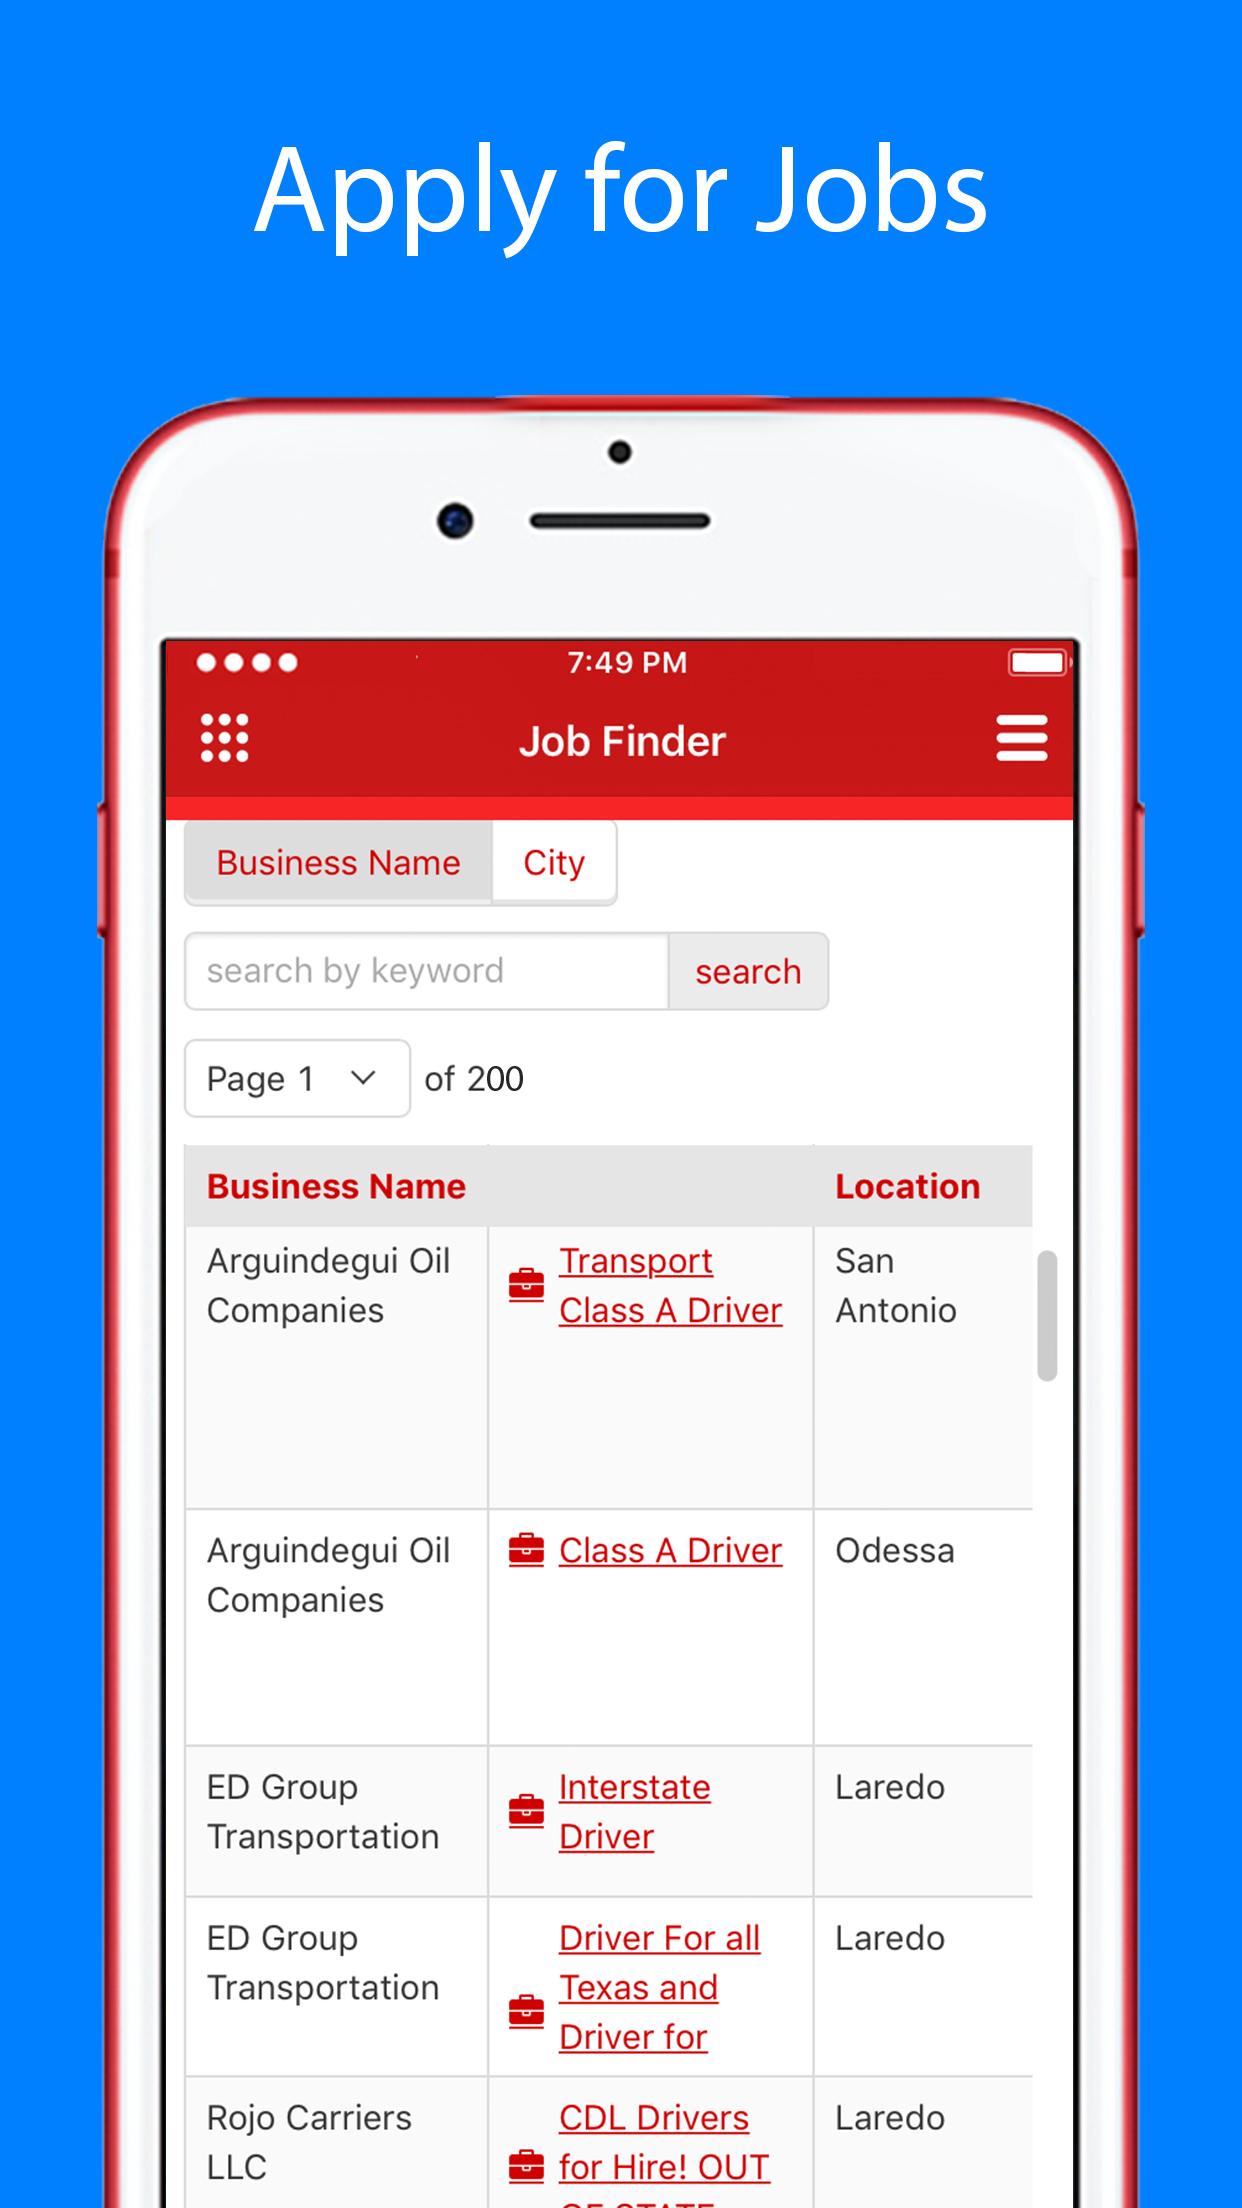 2 Apply for Jobs.jpg